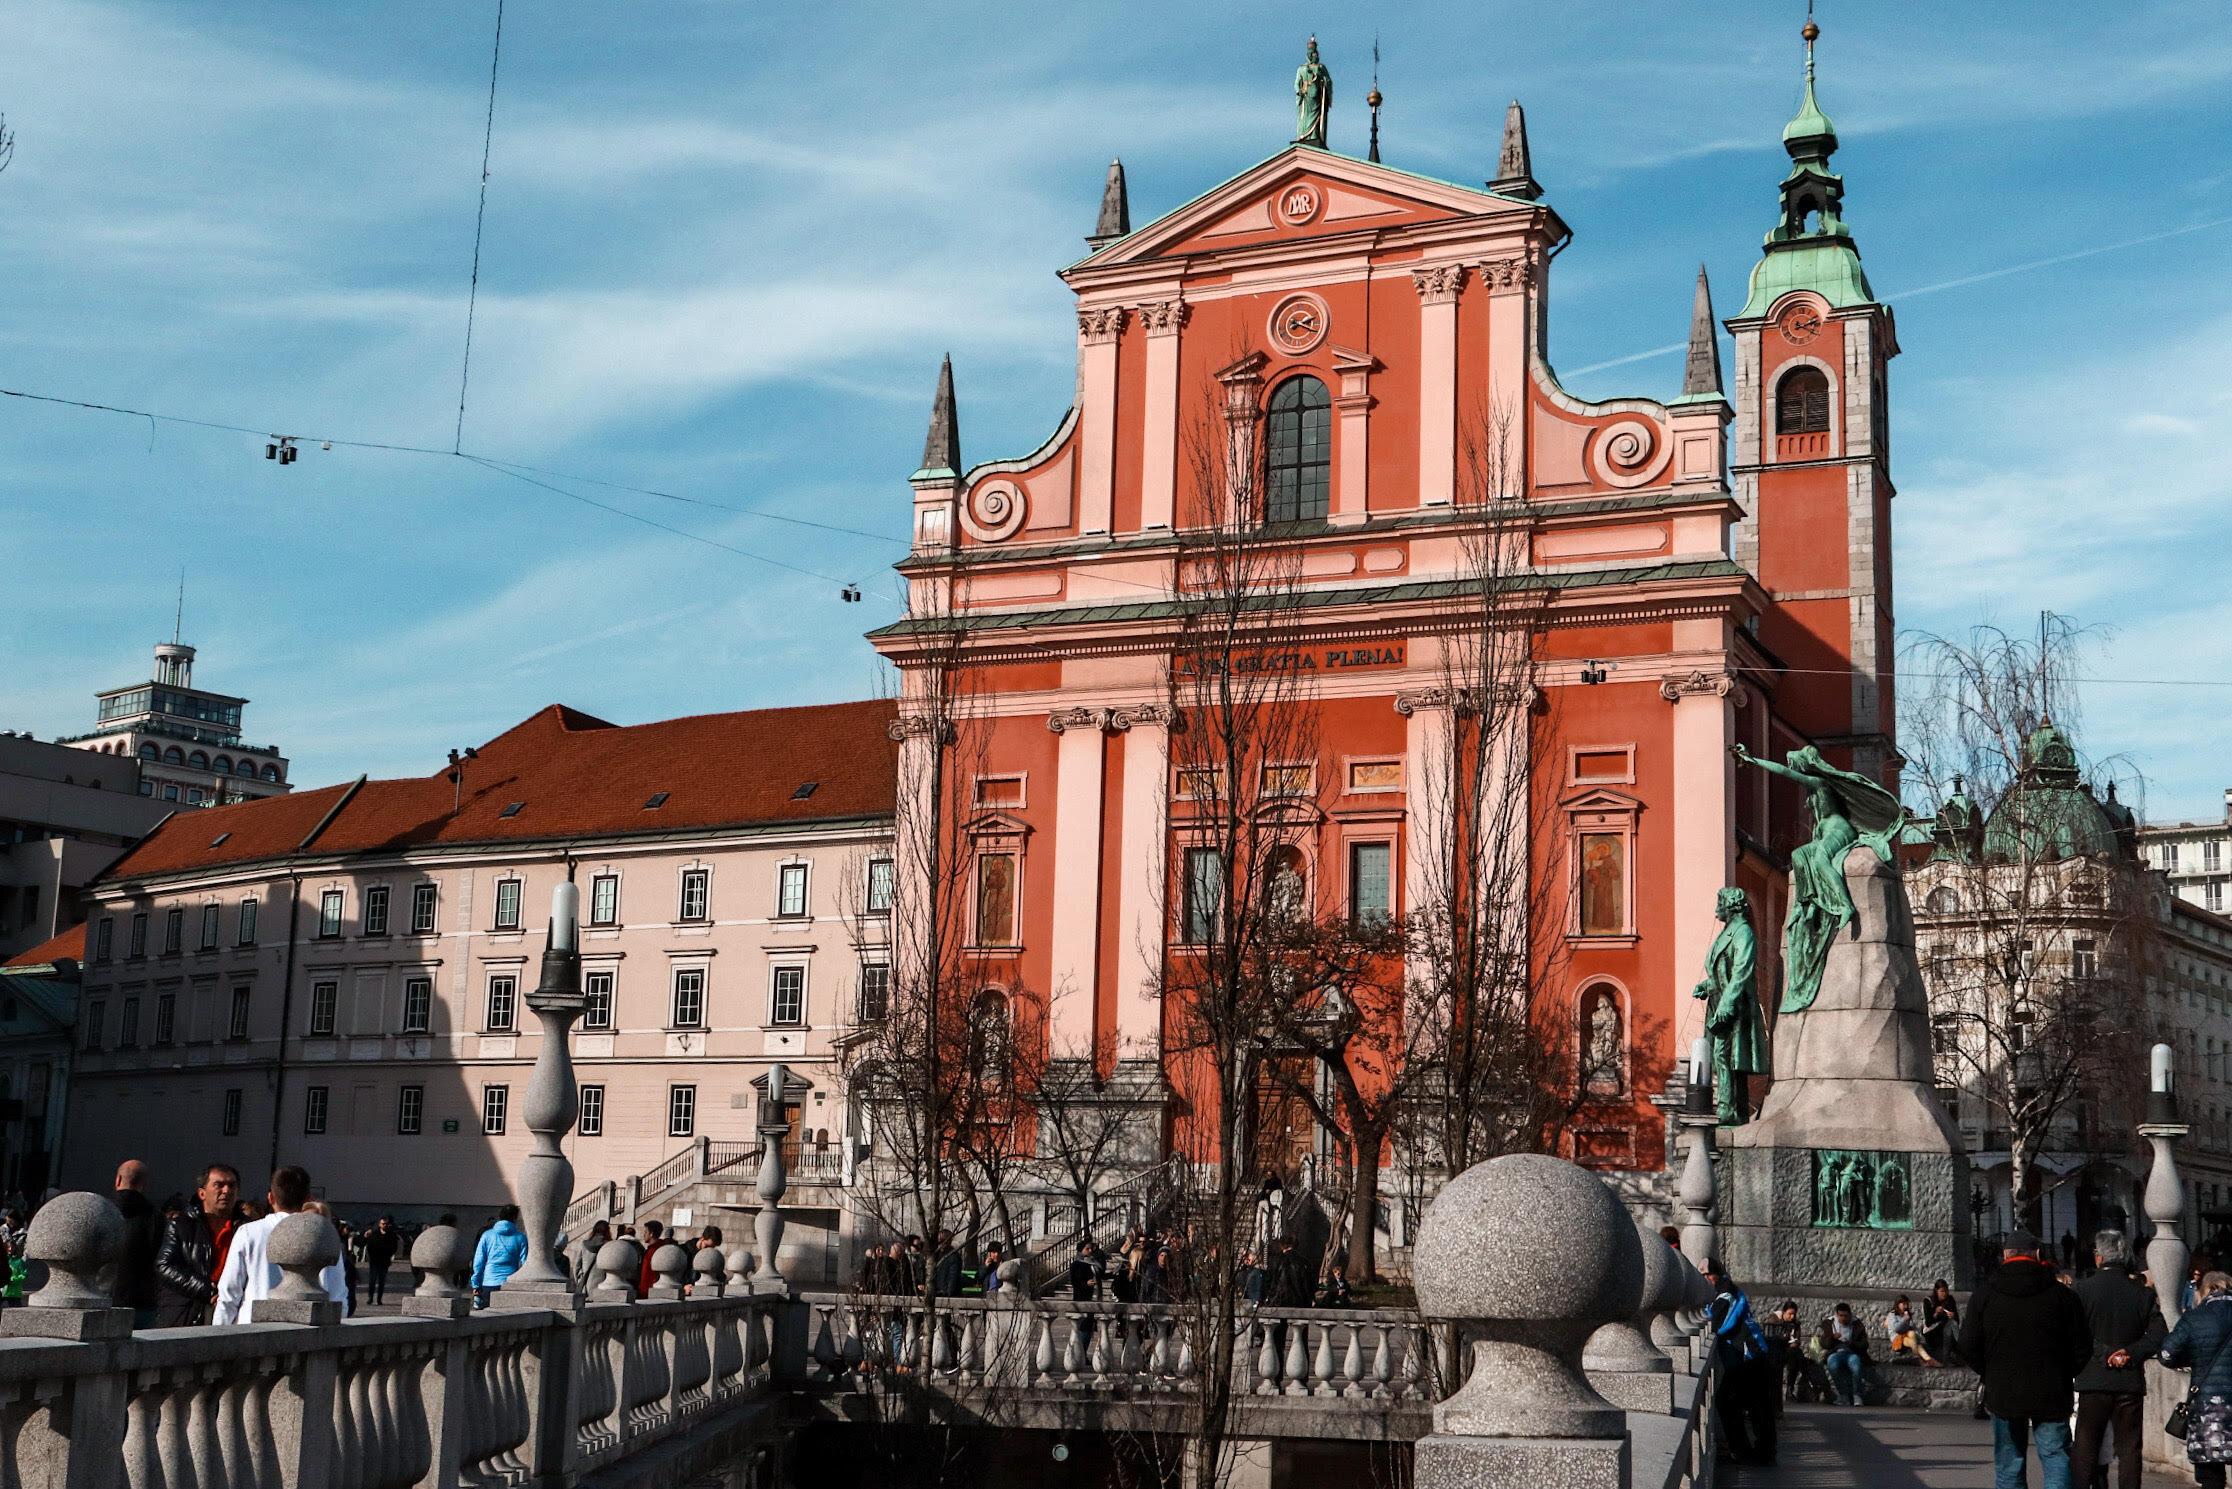 Preresen Square in Ljubljana, Slovenia